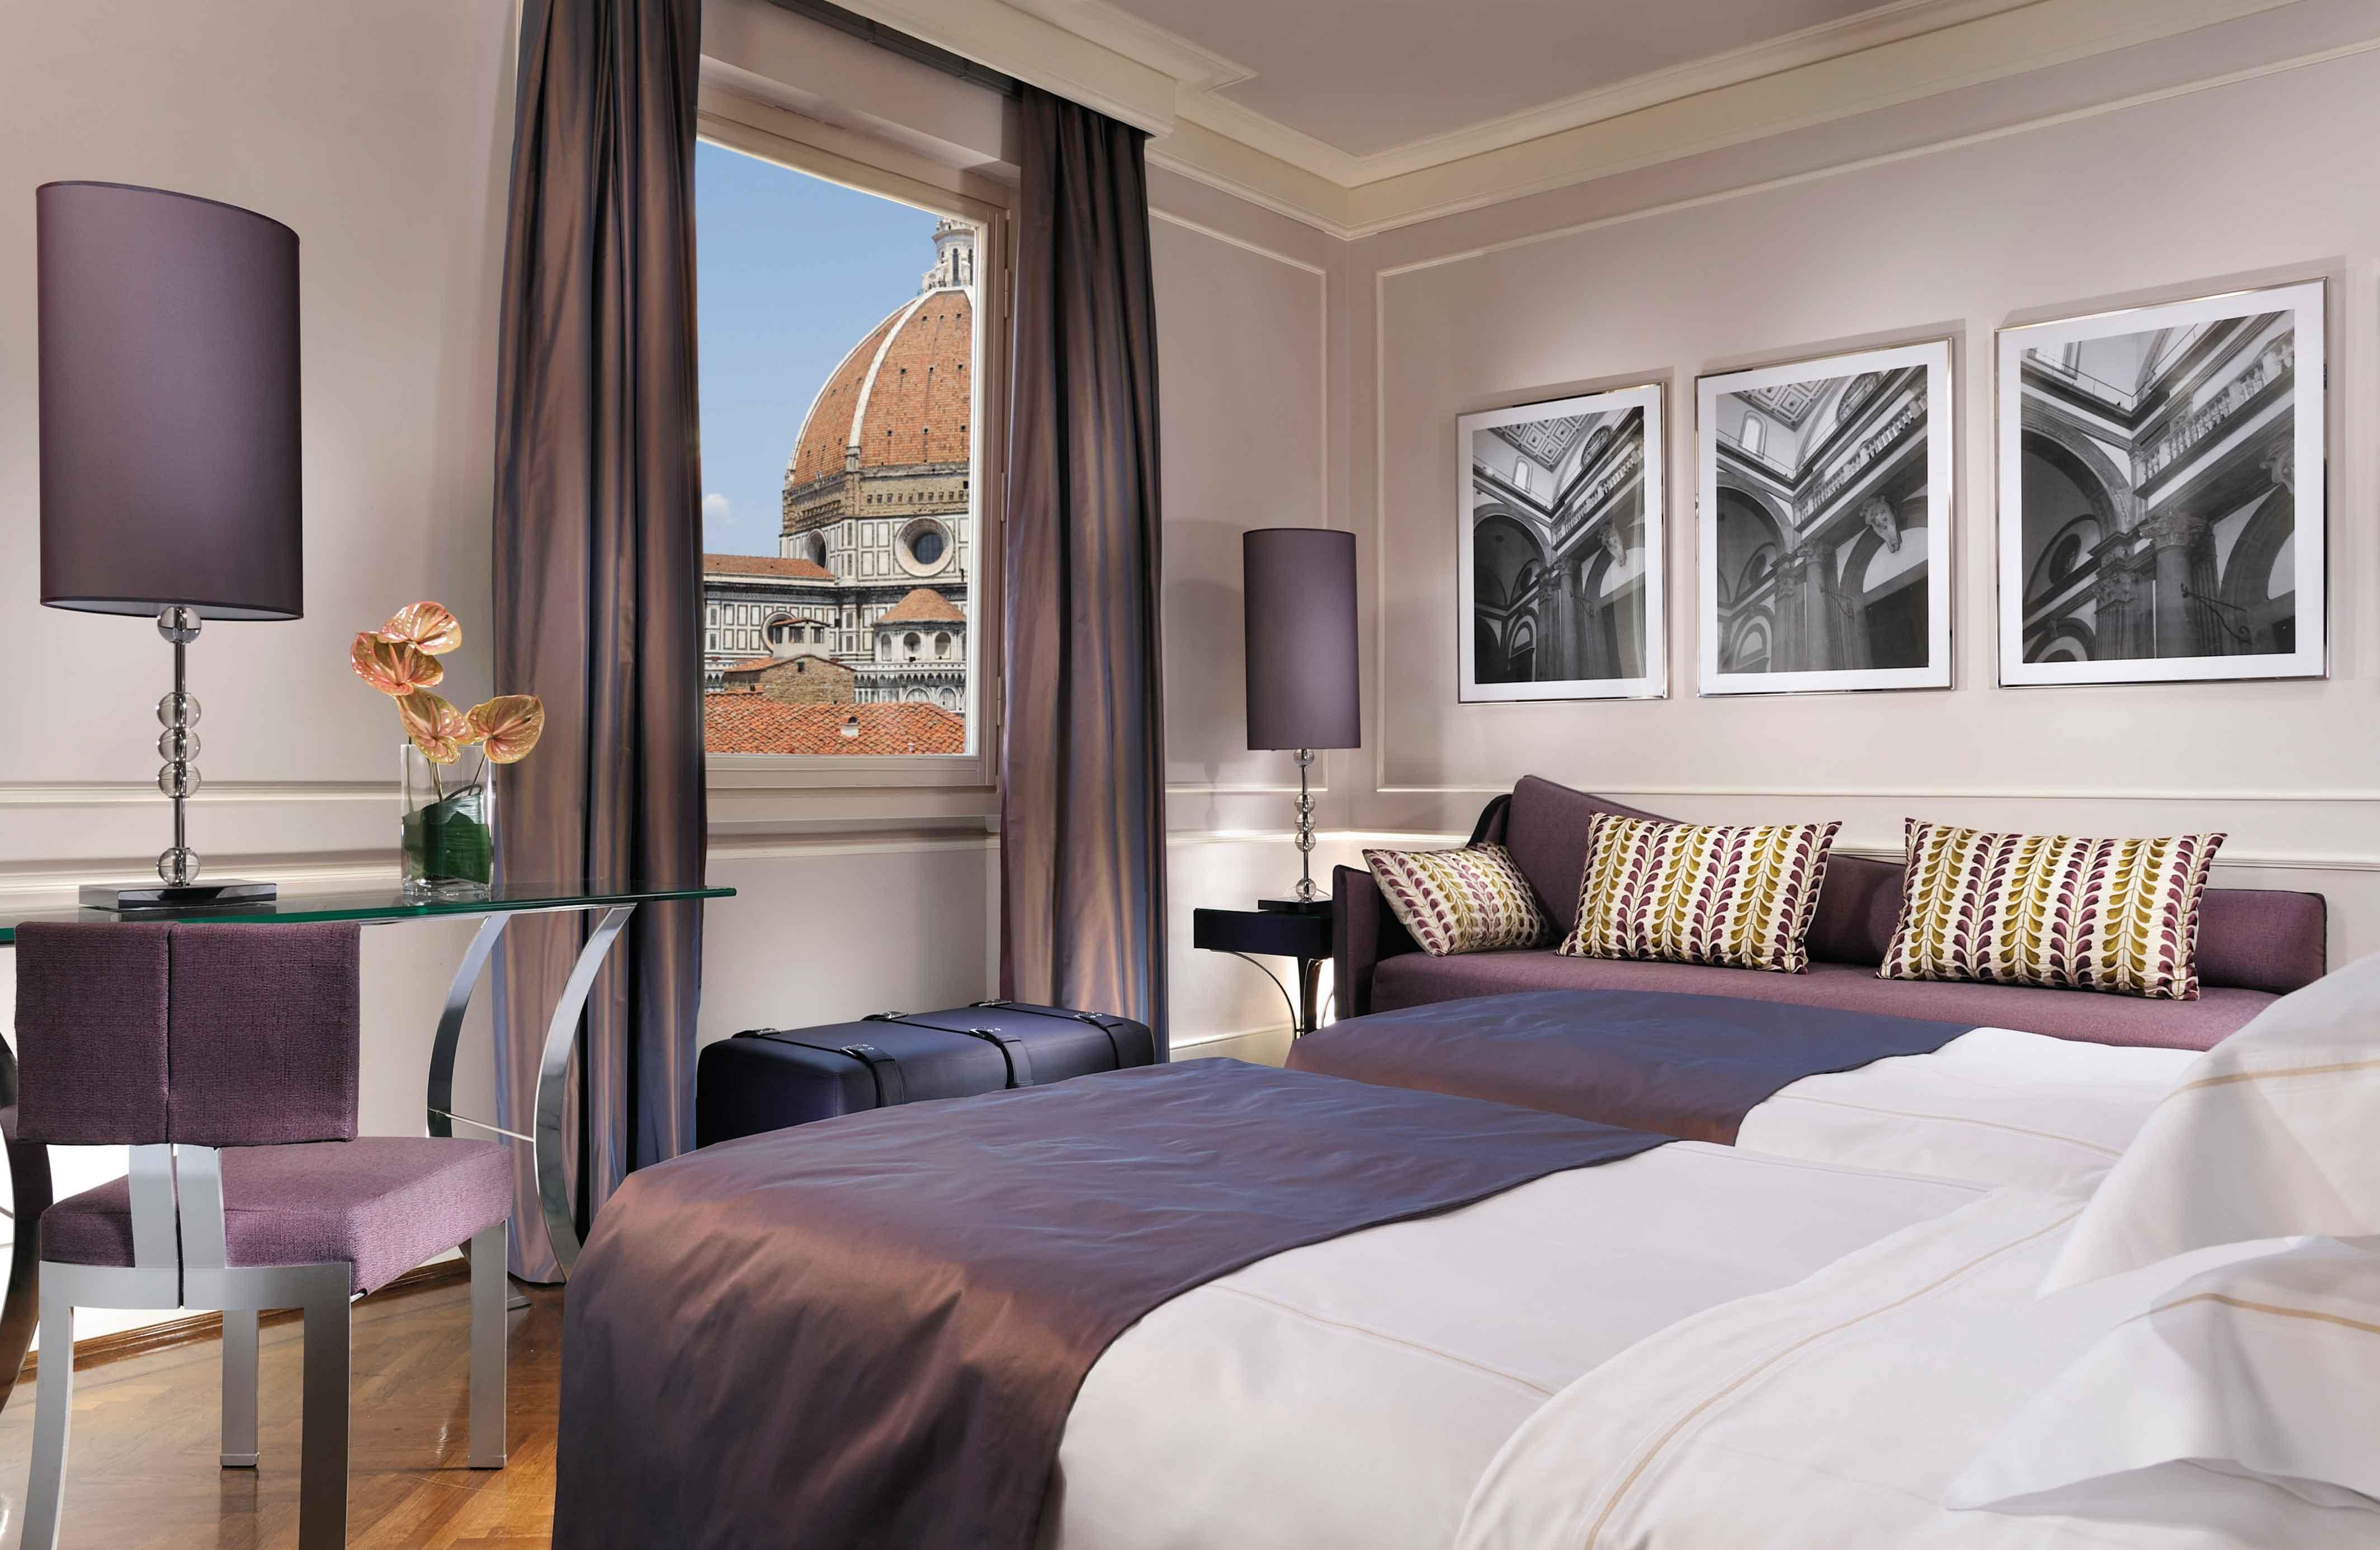 Chi lascia la stanza dell'albergo senza pagare cosa rischia?